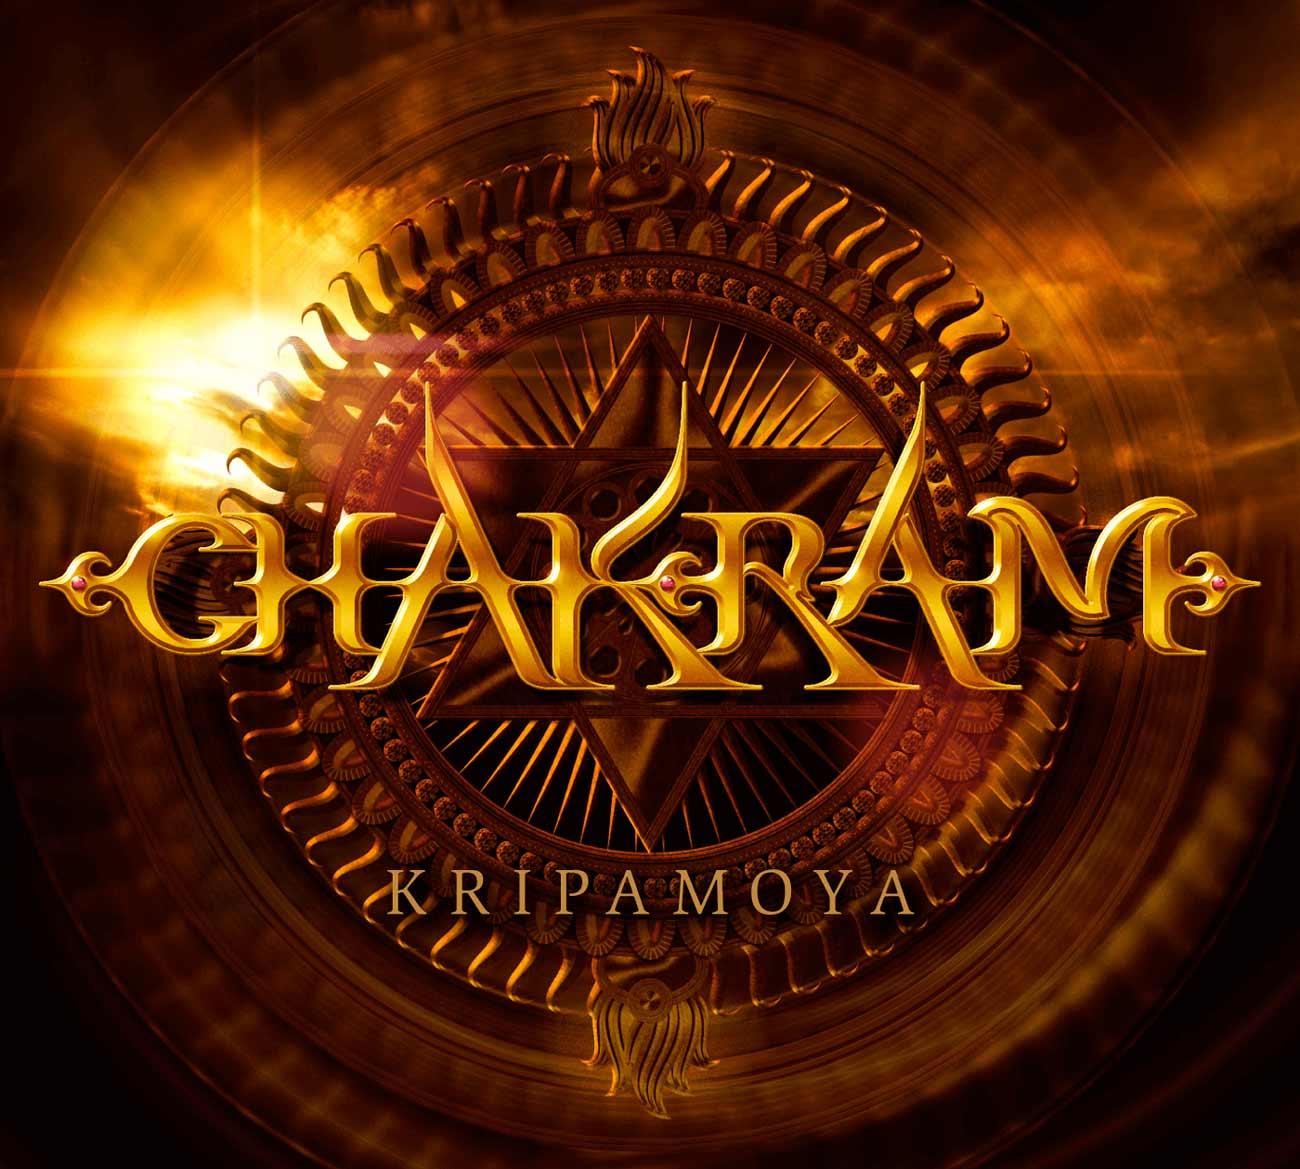 Chakram CD cover design